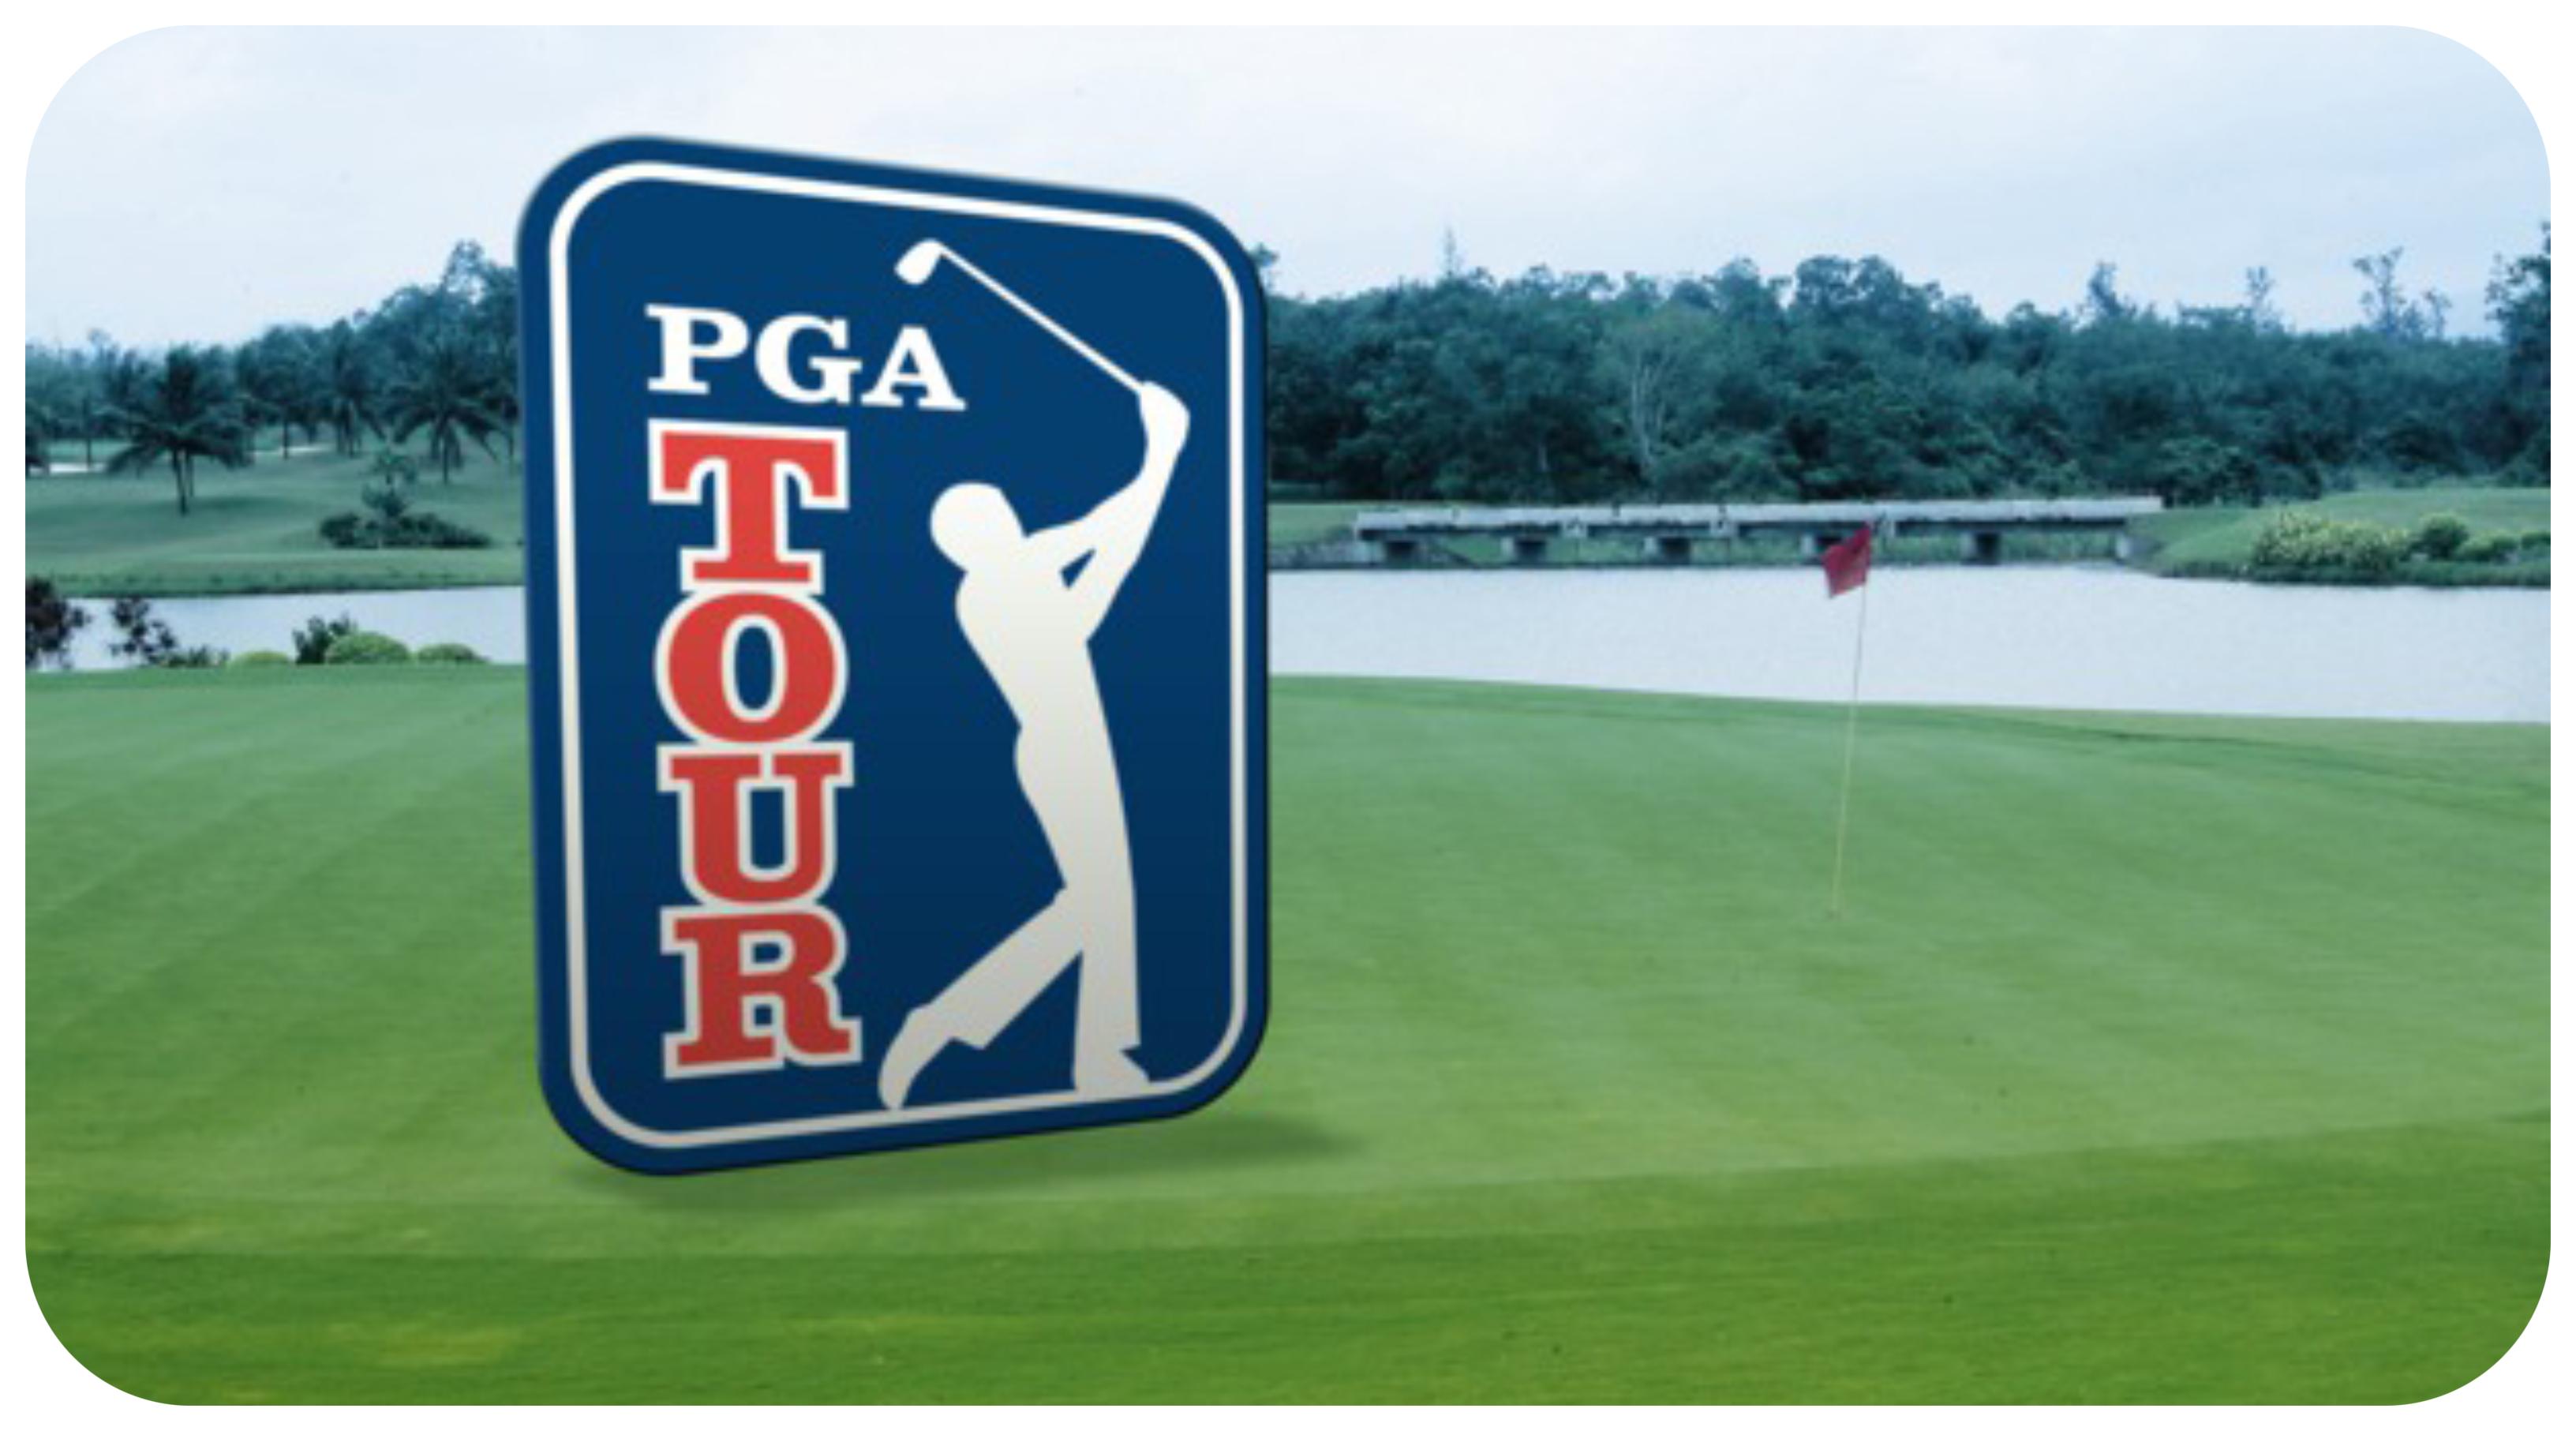 Así-se-elegirán-los-drivers-en-la-próxima-temporada-del-PGA-Tour.jpg